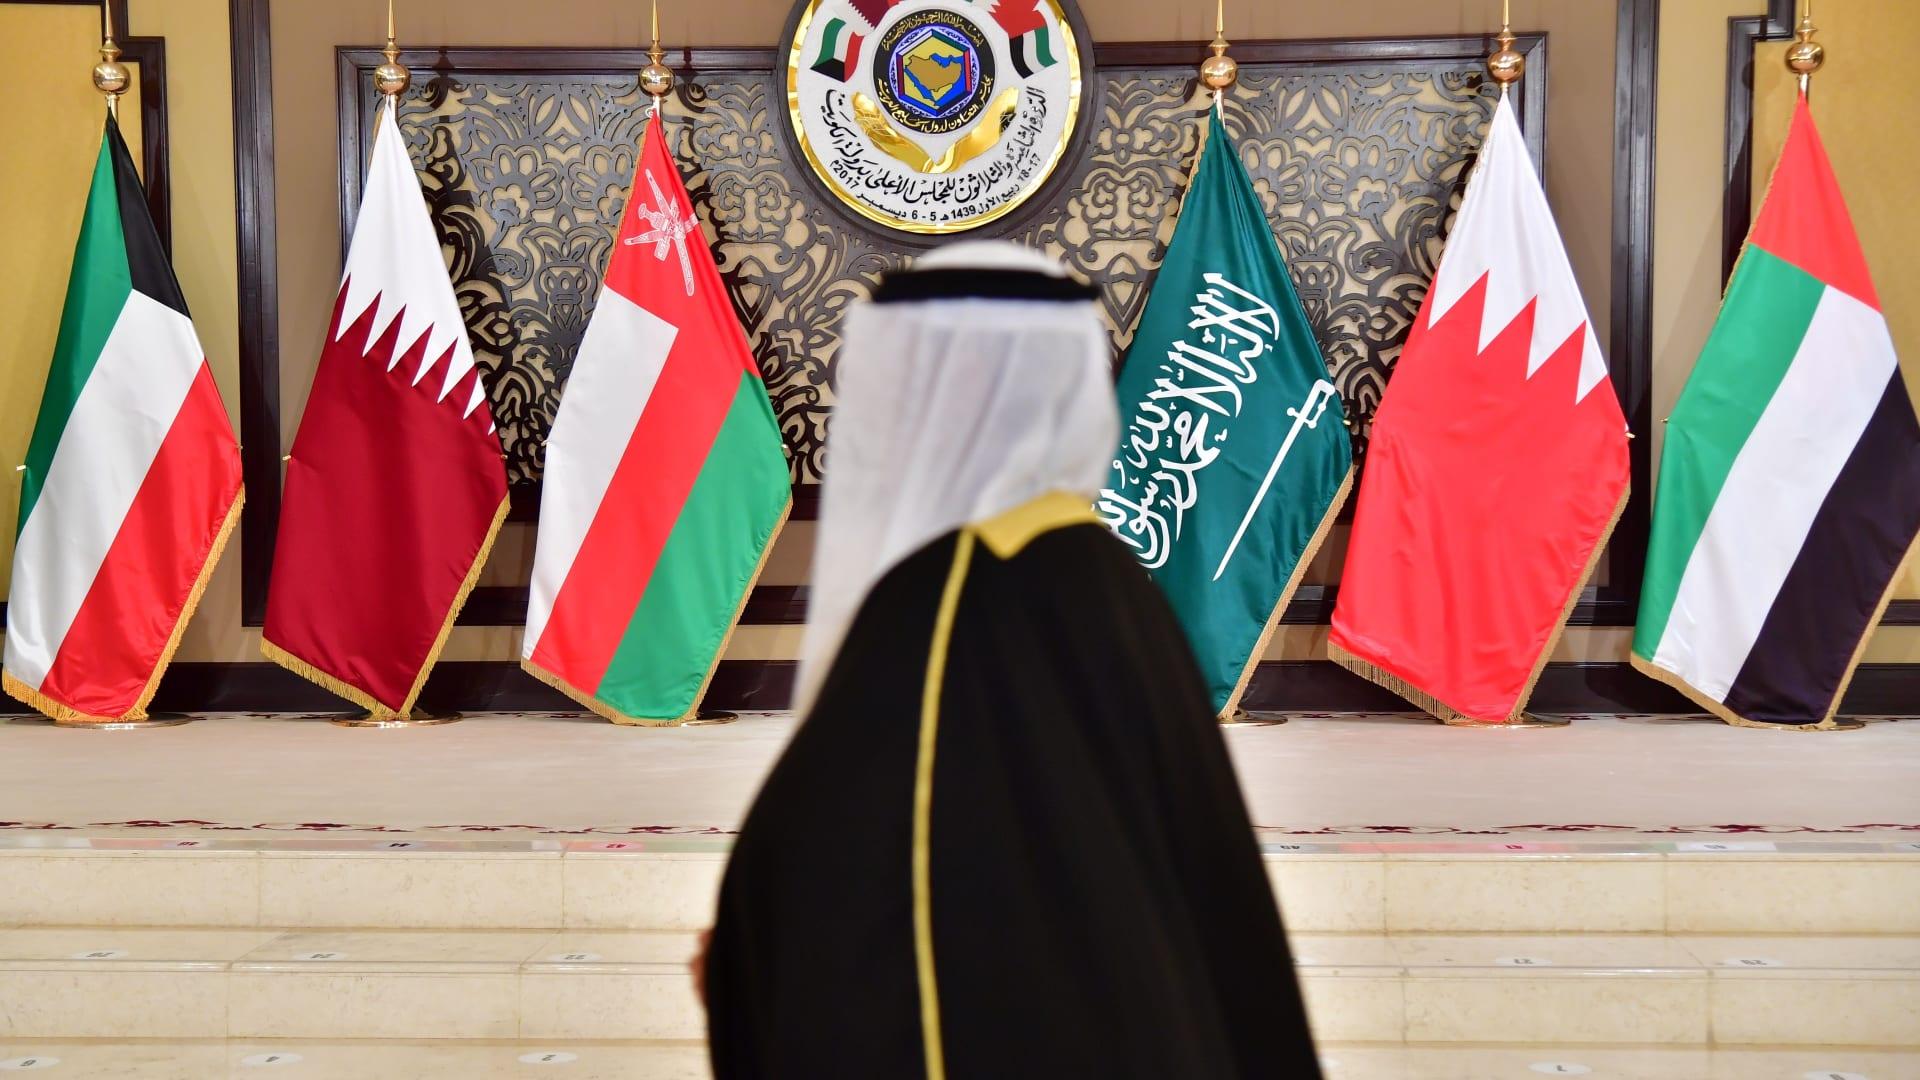 بعد المصالحة الخليجية.. إليكم القوة الاقتصادية لدول مجلس التعاون